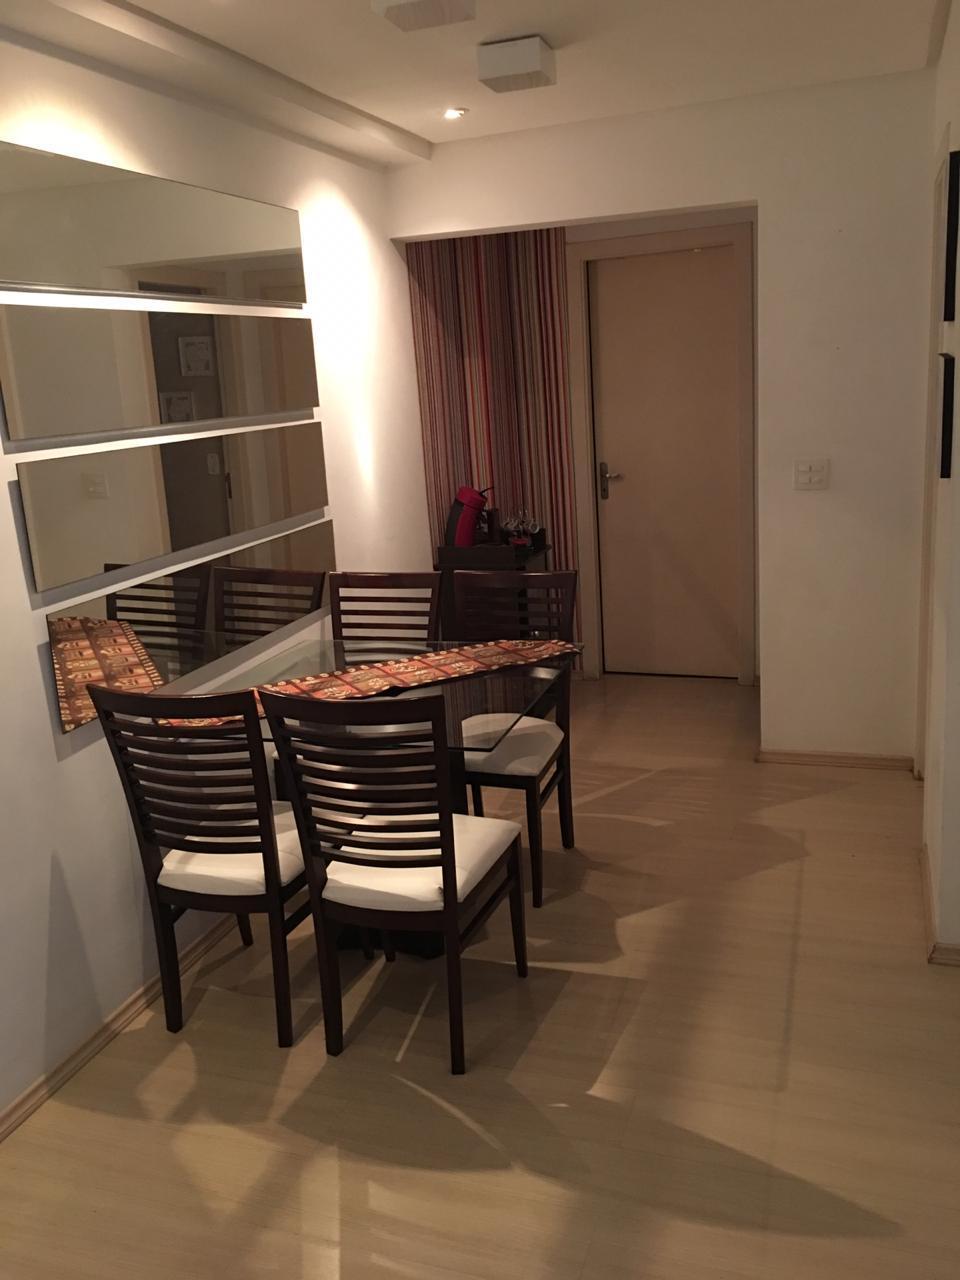 Apartamento no Gonzaga em prédio com área de lazer completa, salão de festas, piscina adulto. - foto 2